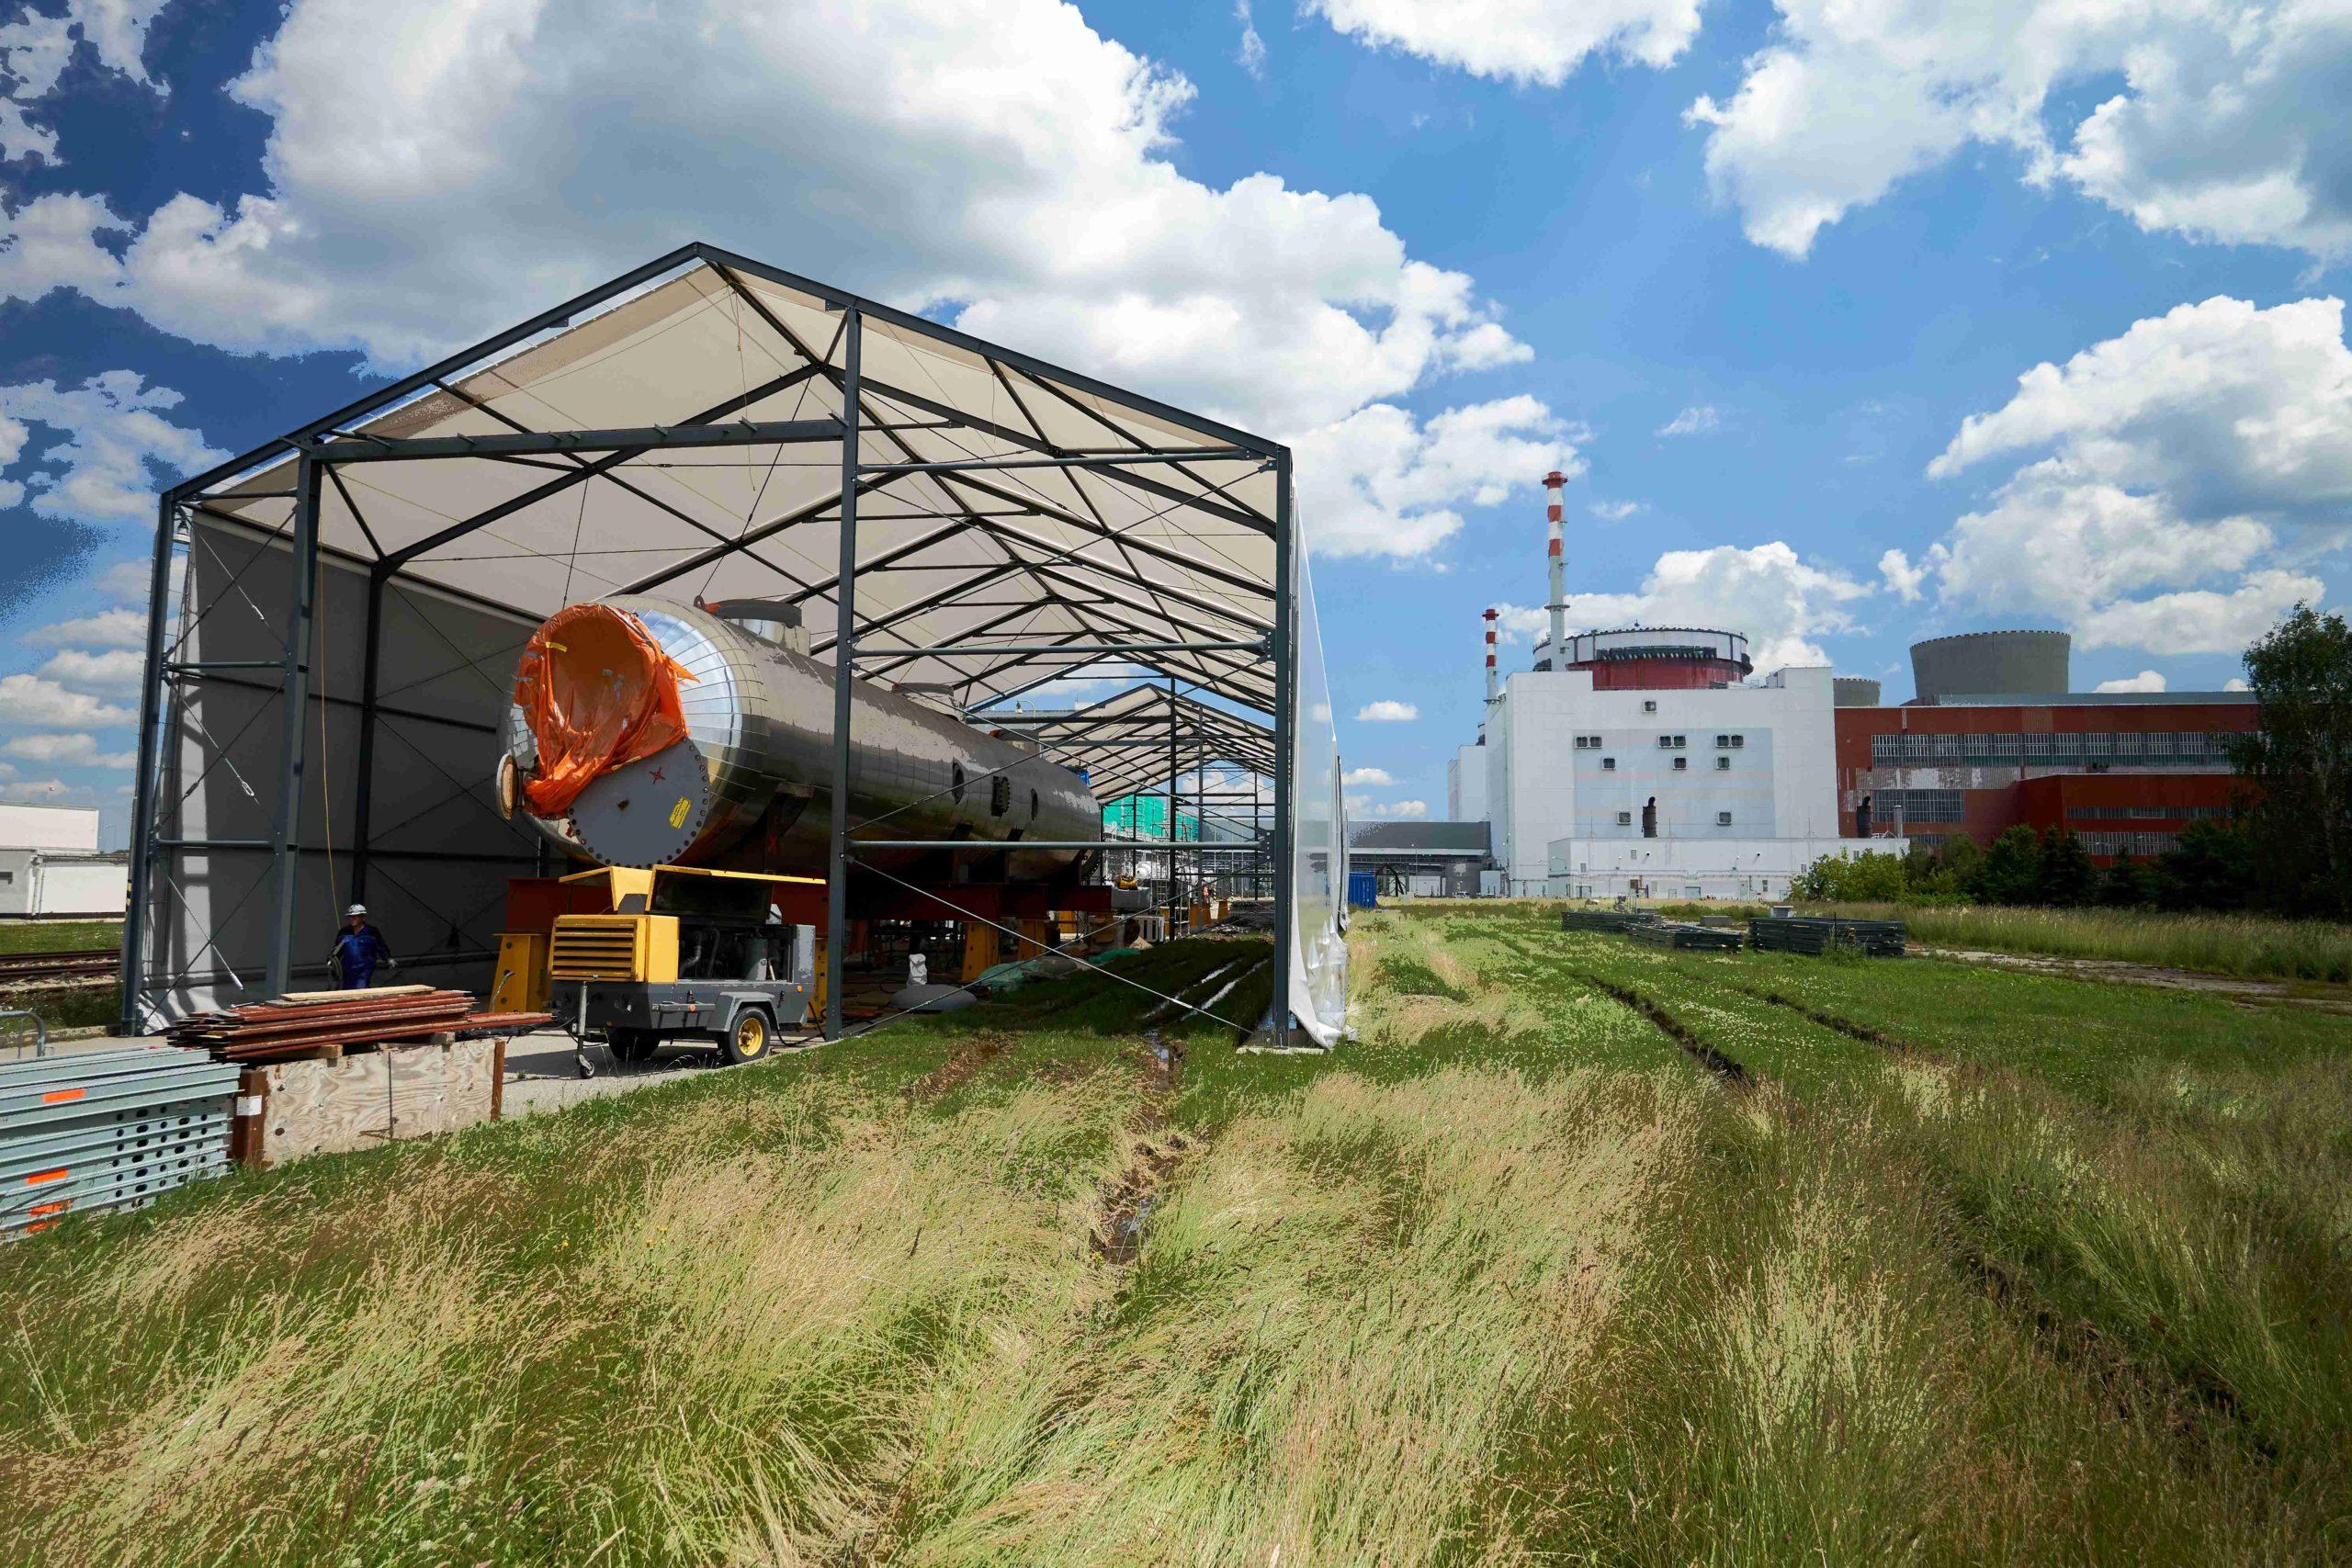 jaderná energie - Výměna separátorů v Temelíně Klíčový přínos ŠKODA JS - Zprávy (Nové separátory připravené pro transport do strojovny v areálu JE Temelín 1 scaled) 3